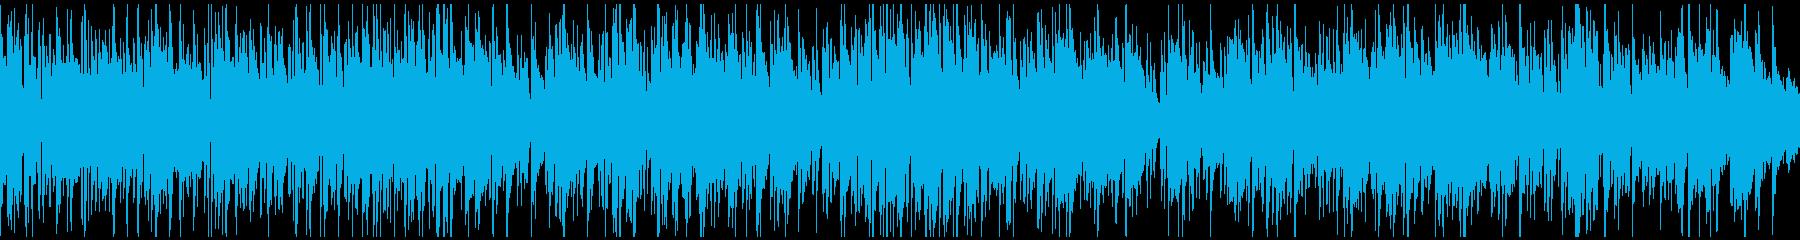 軽快ボサノバ・ジャズ、爽やか ※ループ版の再生済みの波形